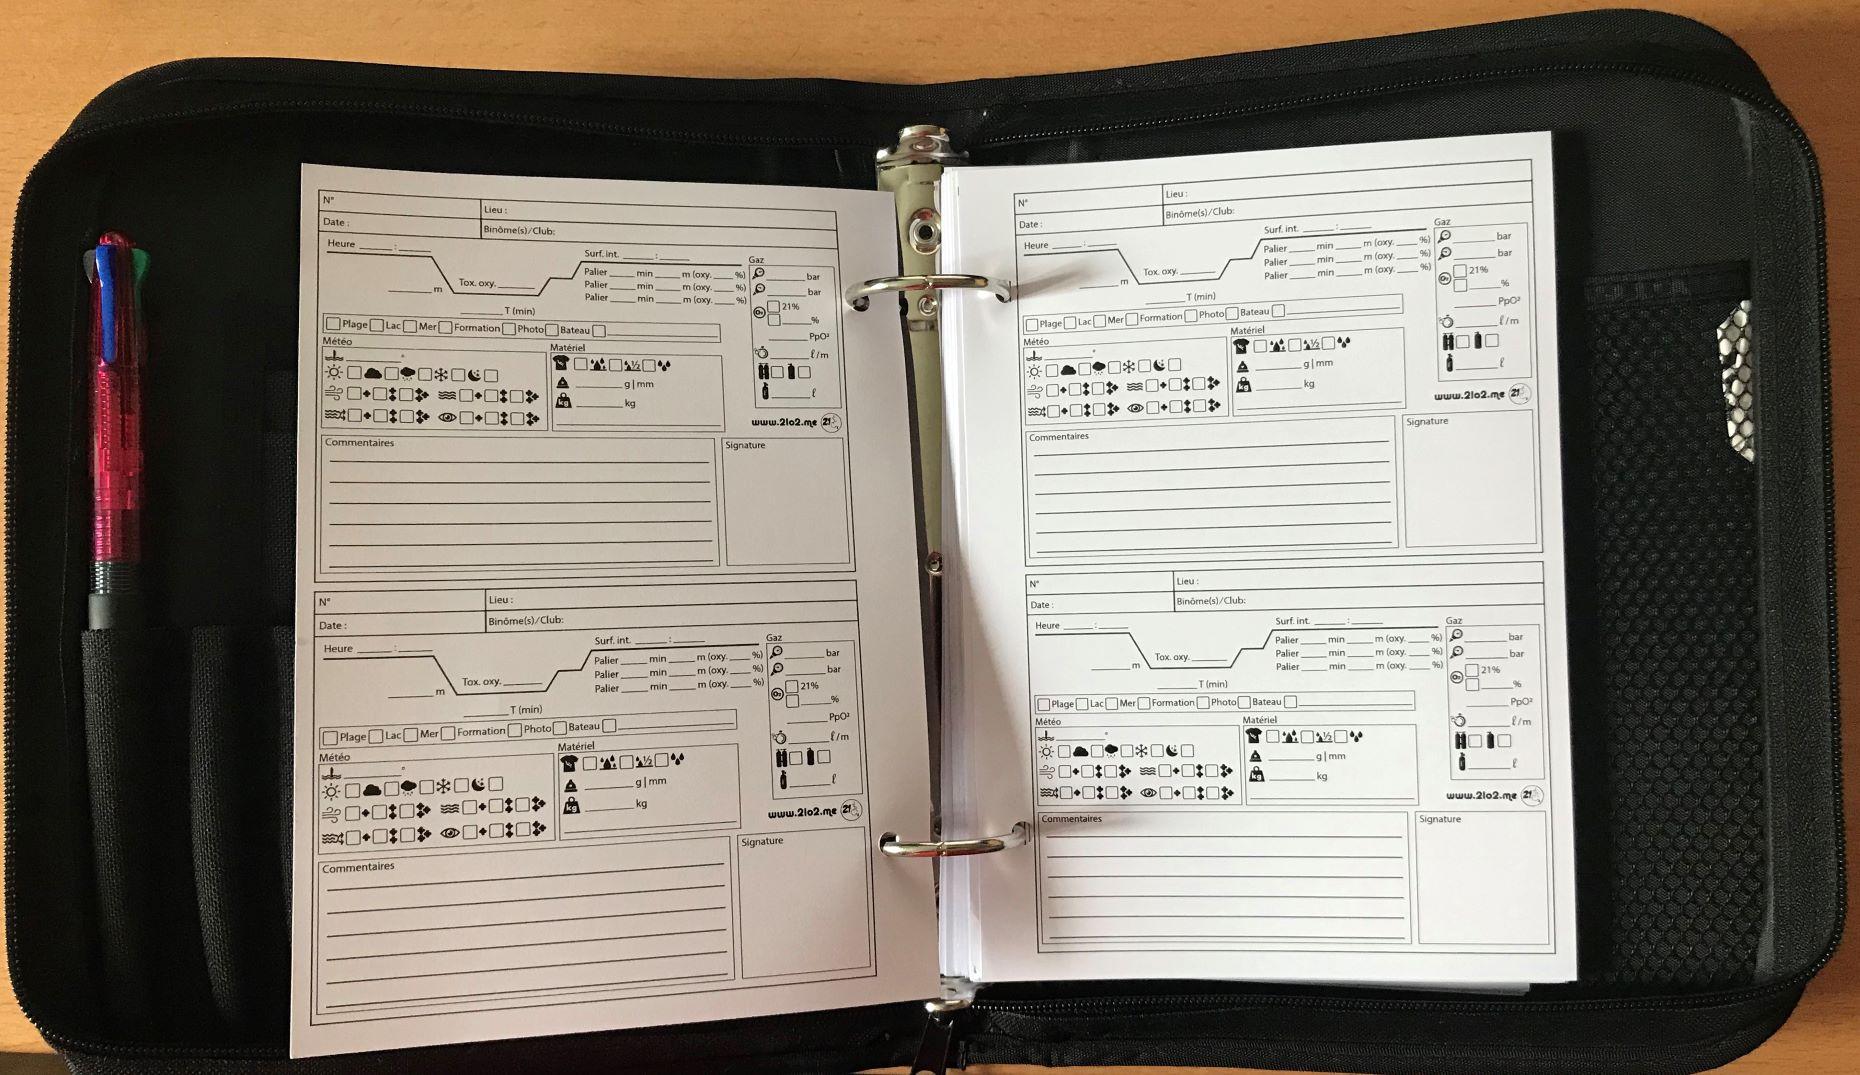 Voici le résultat dans un LogBook après impression